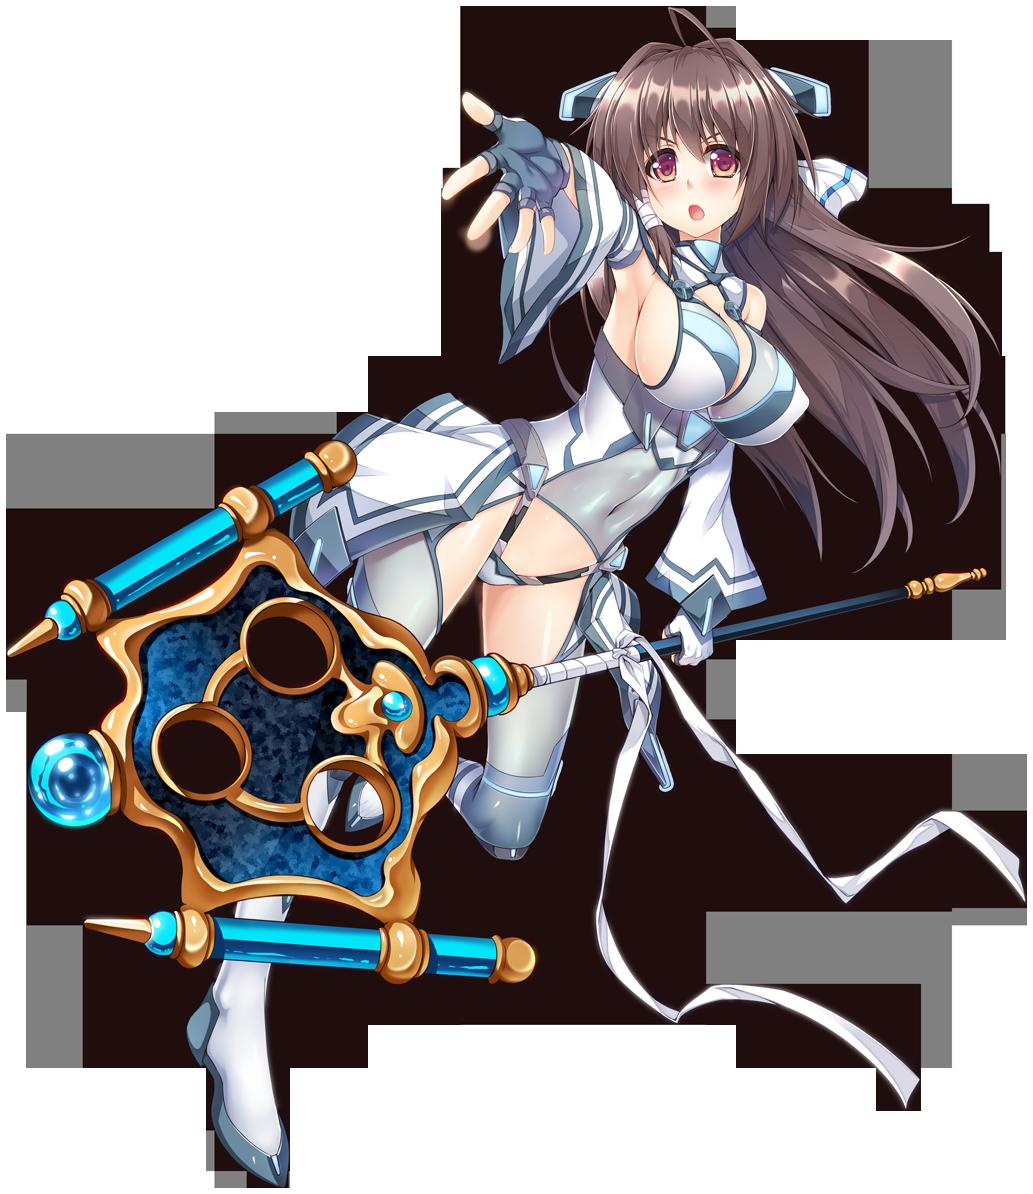 Rina Koyanagi